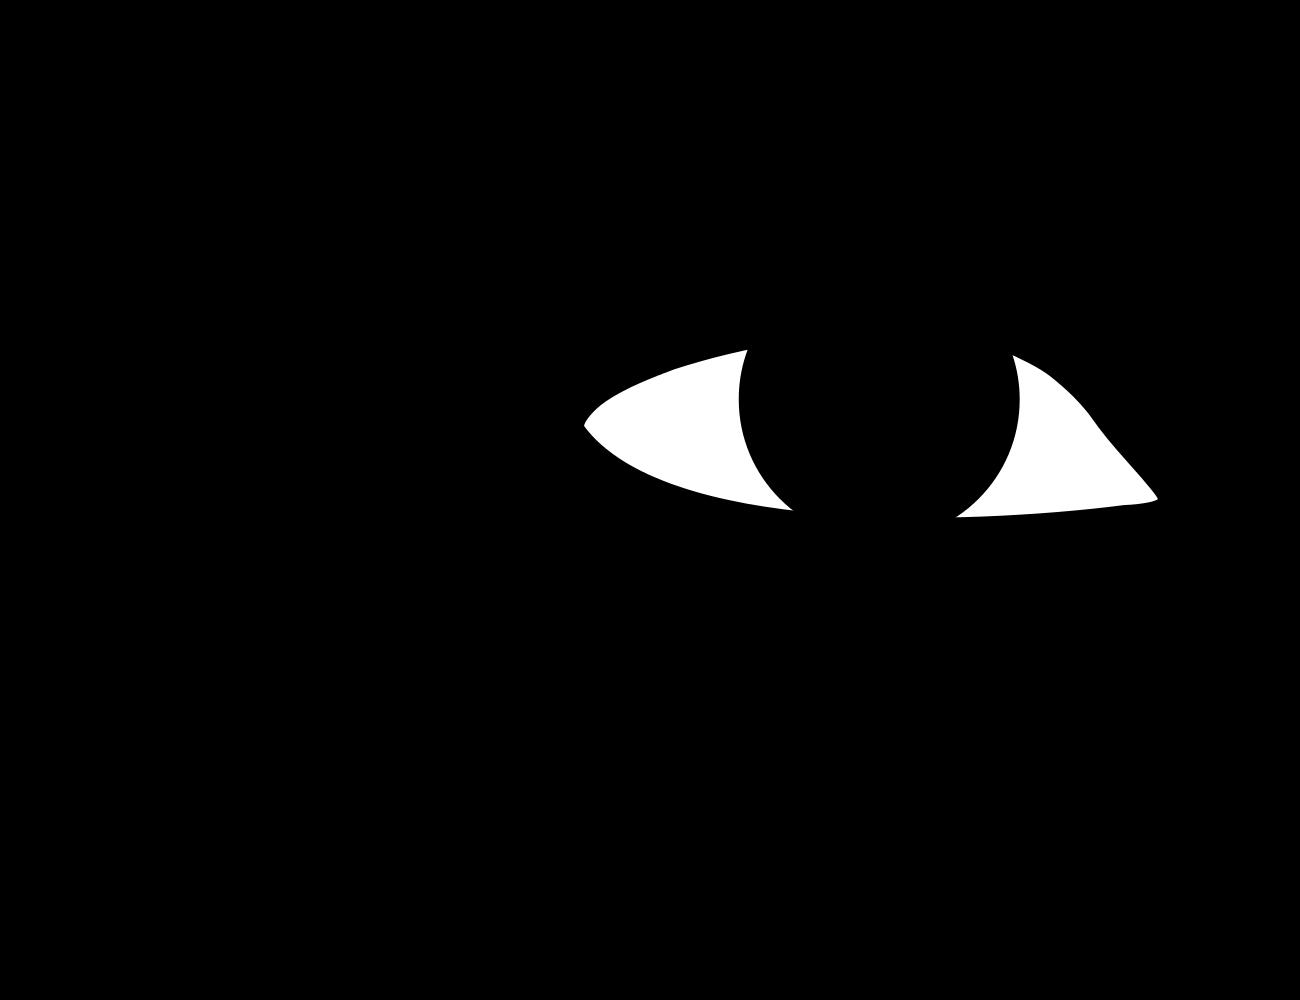 Eye Of Horus Tatoveringsideer Tatoveringer Dyr